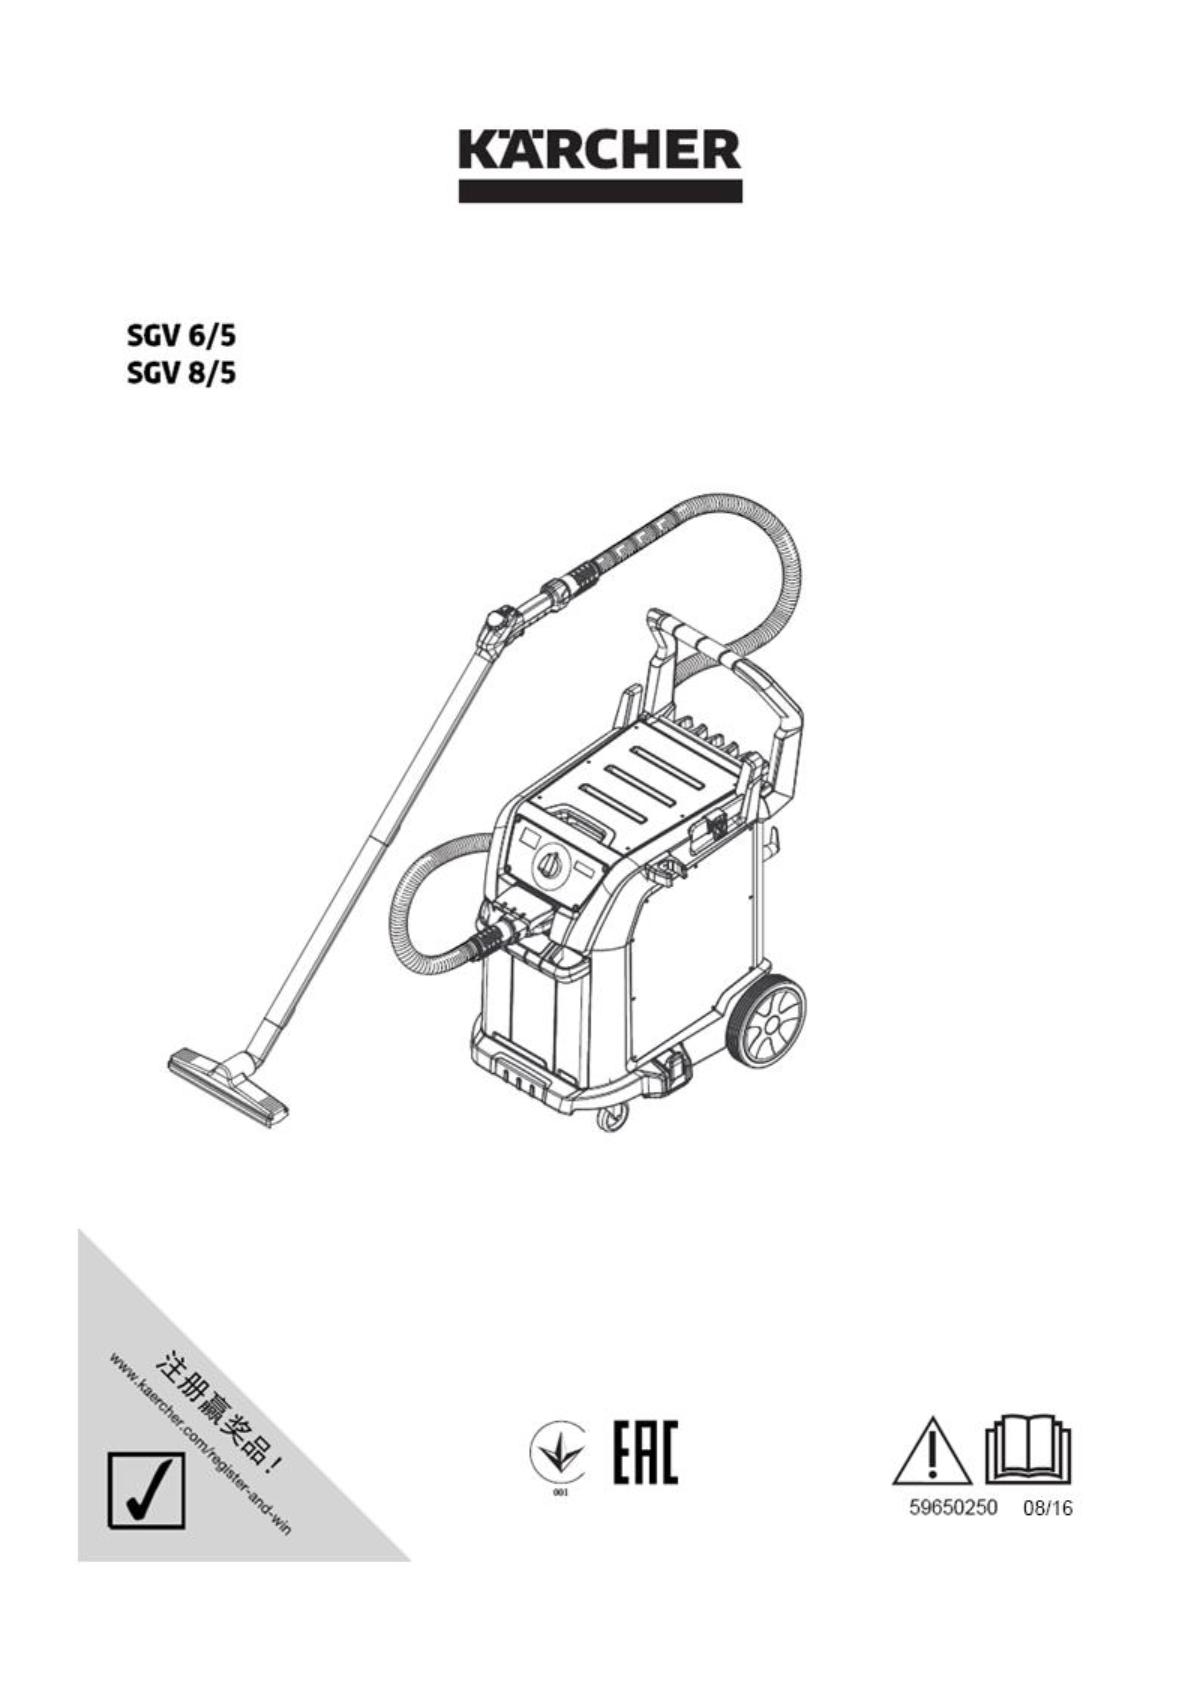 蒸汽真空清洗机 SGV 6/5 说明书说明书下载